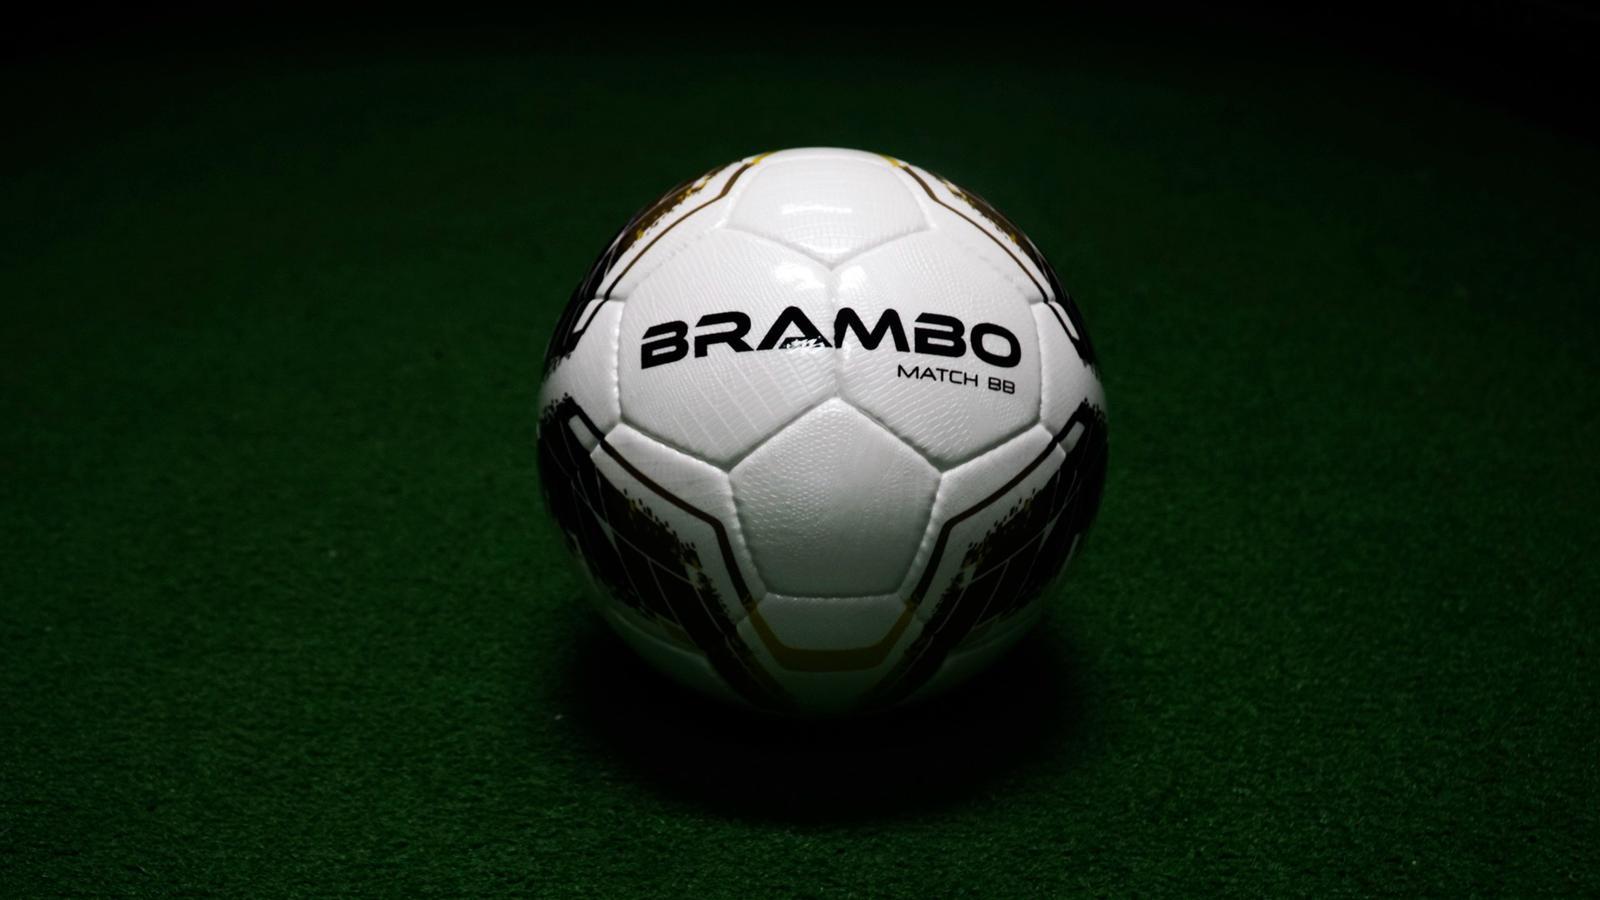 BRAMBO: Niet zomaar een bal!